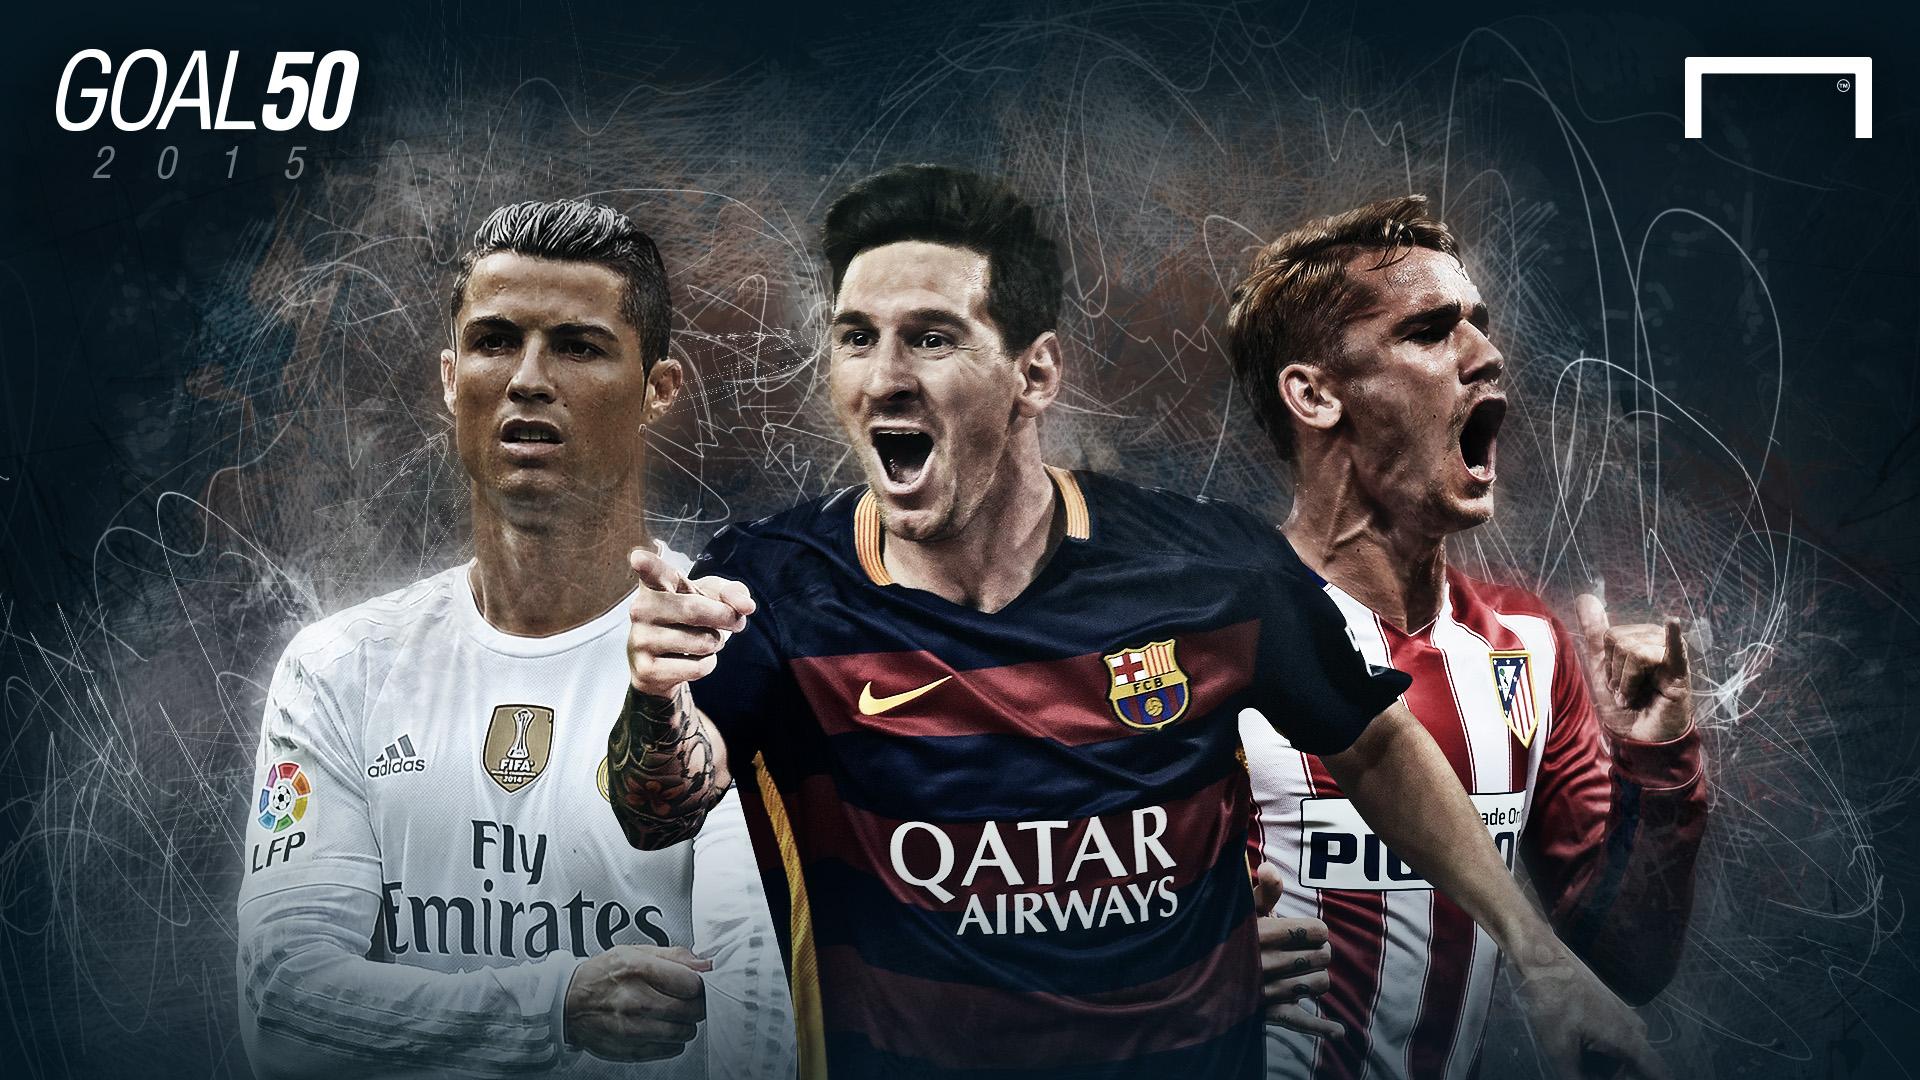 La Liga: GFX G50 La Liga Cover Image